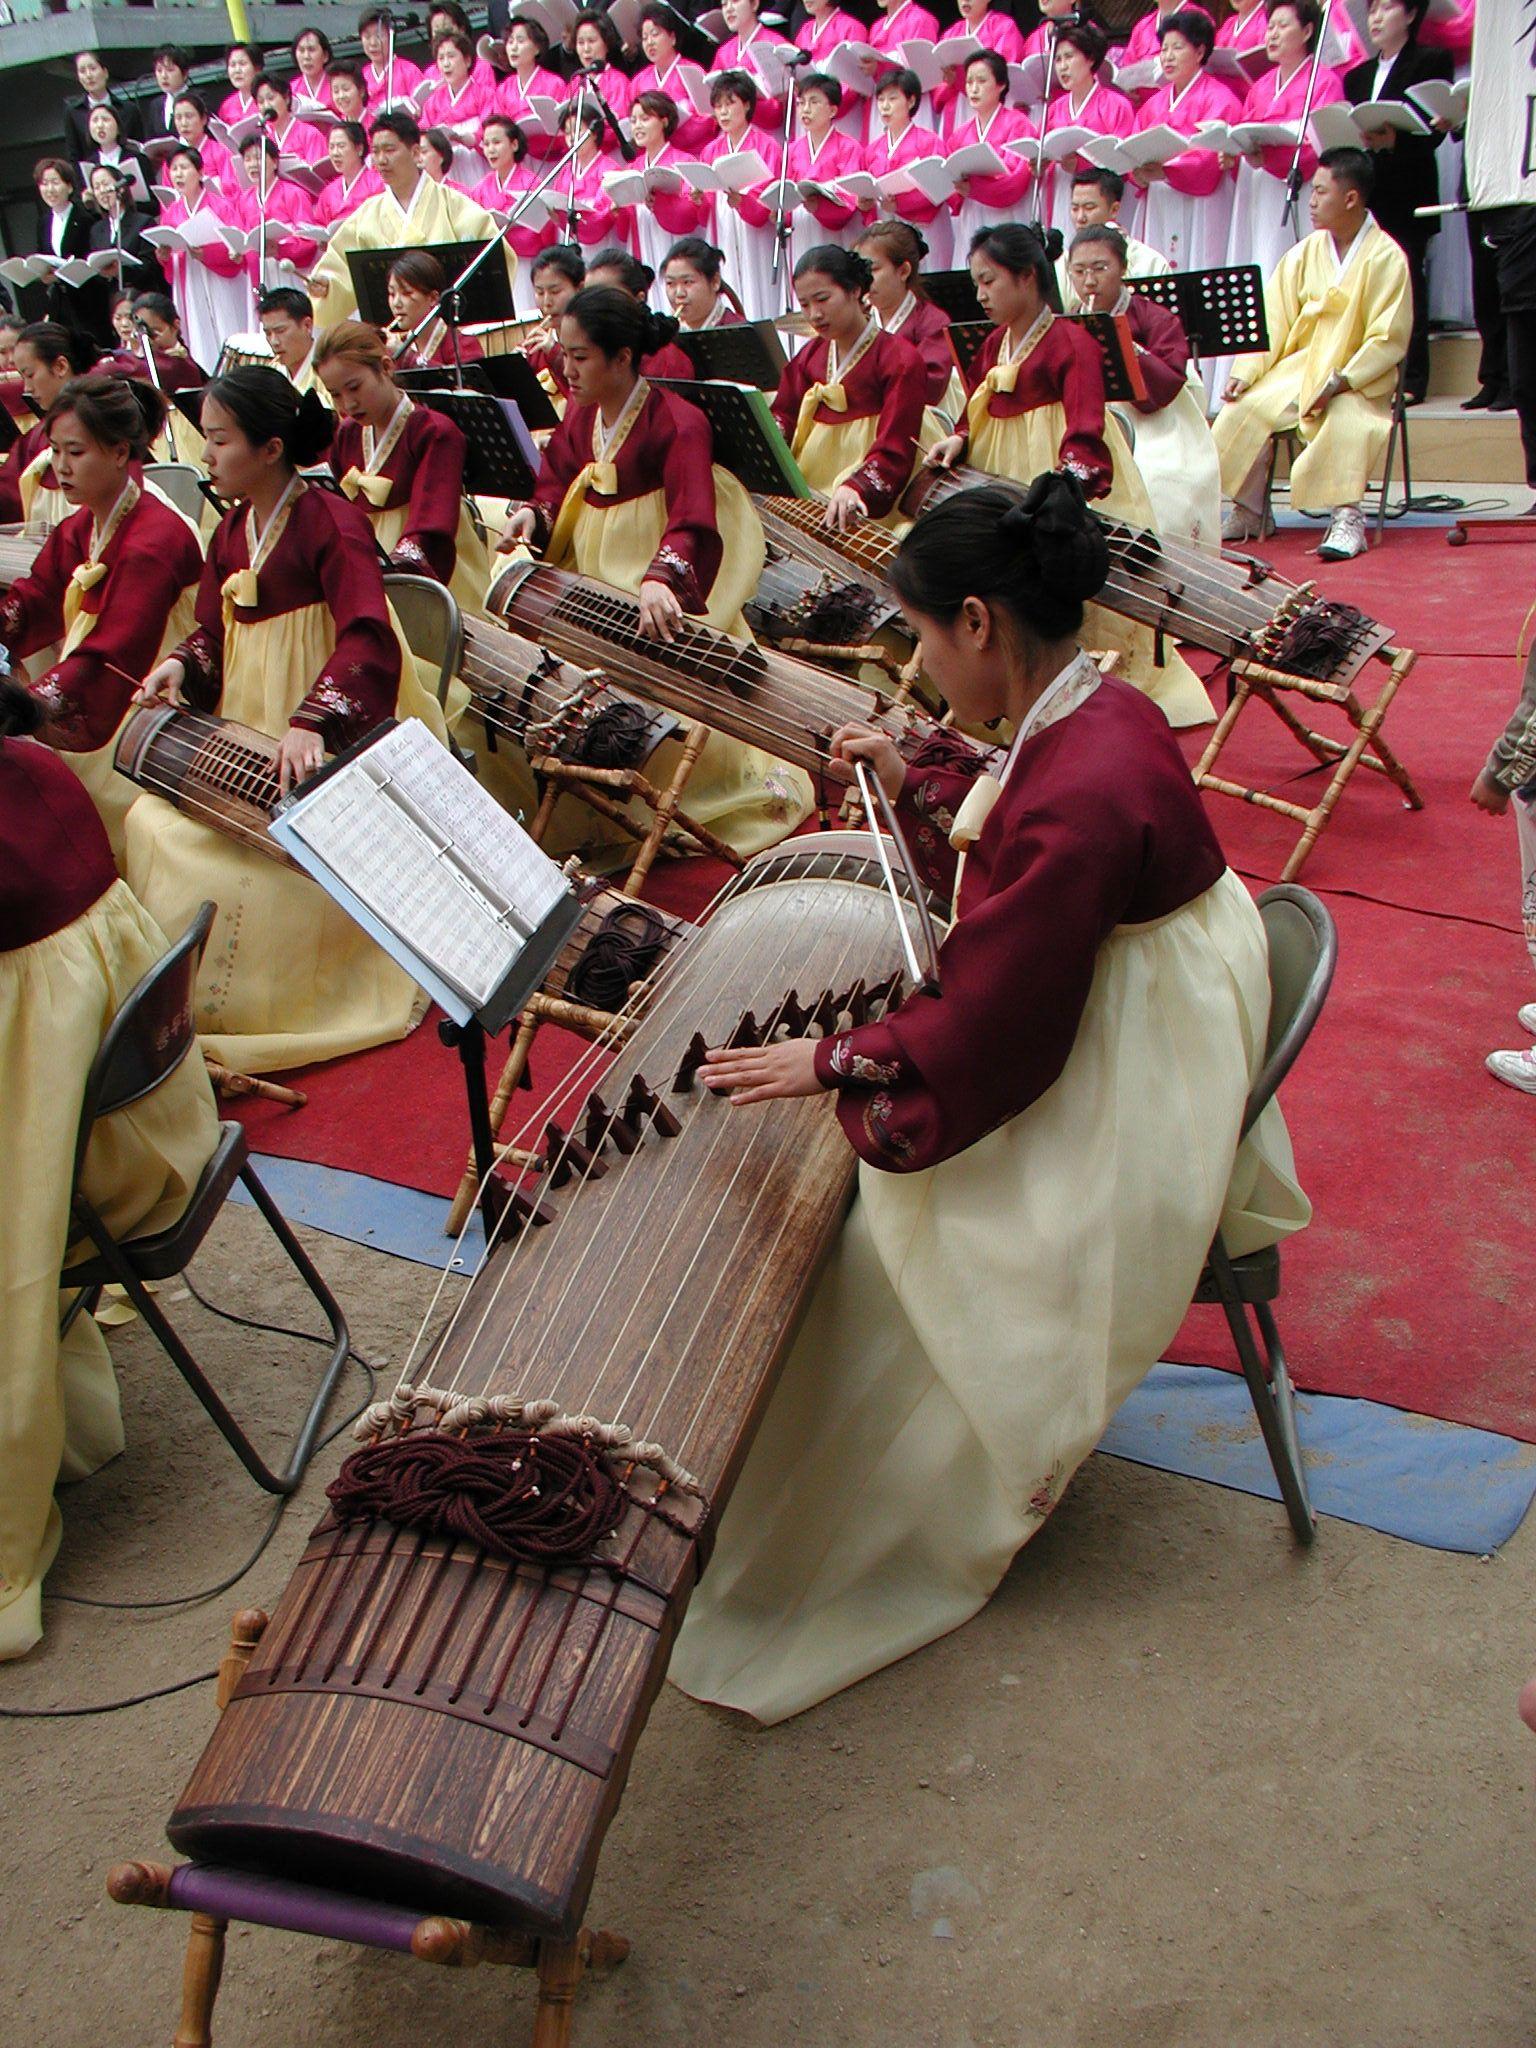 Traditionele muziek en zang worden opgevoerd. De vrouwen zijn gekleed in Hanbok. Foto's Thom Kluck.